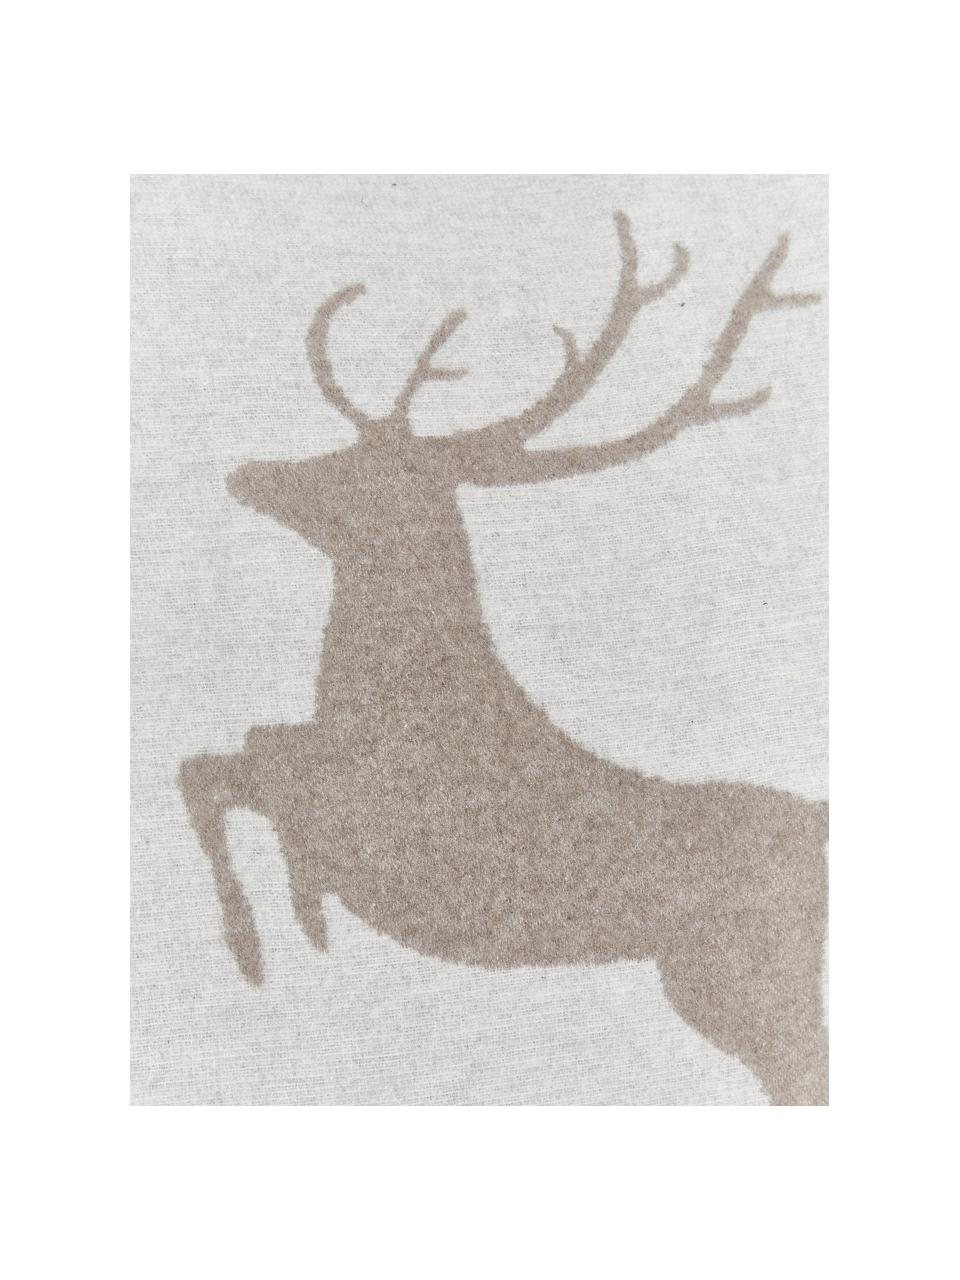 Weiche Fleece-Kissenhülle Sylt Hirsch in Hellgrau/Beige, 85%Baumwolle, 8%Viskose, 7%Polyacryl, Beige, 50 x 50 cm